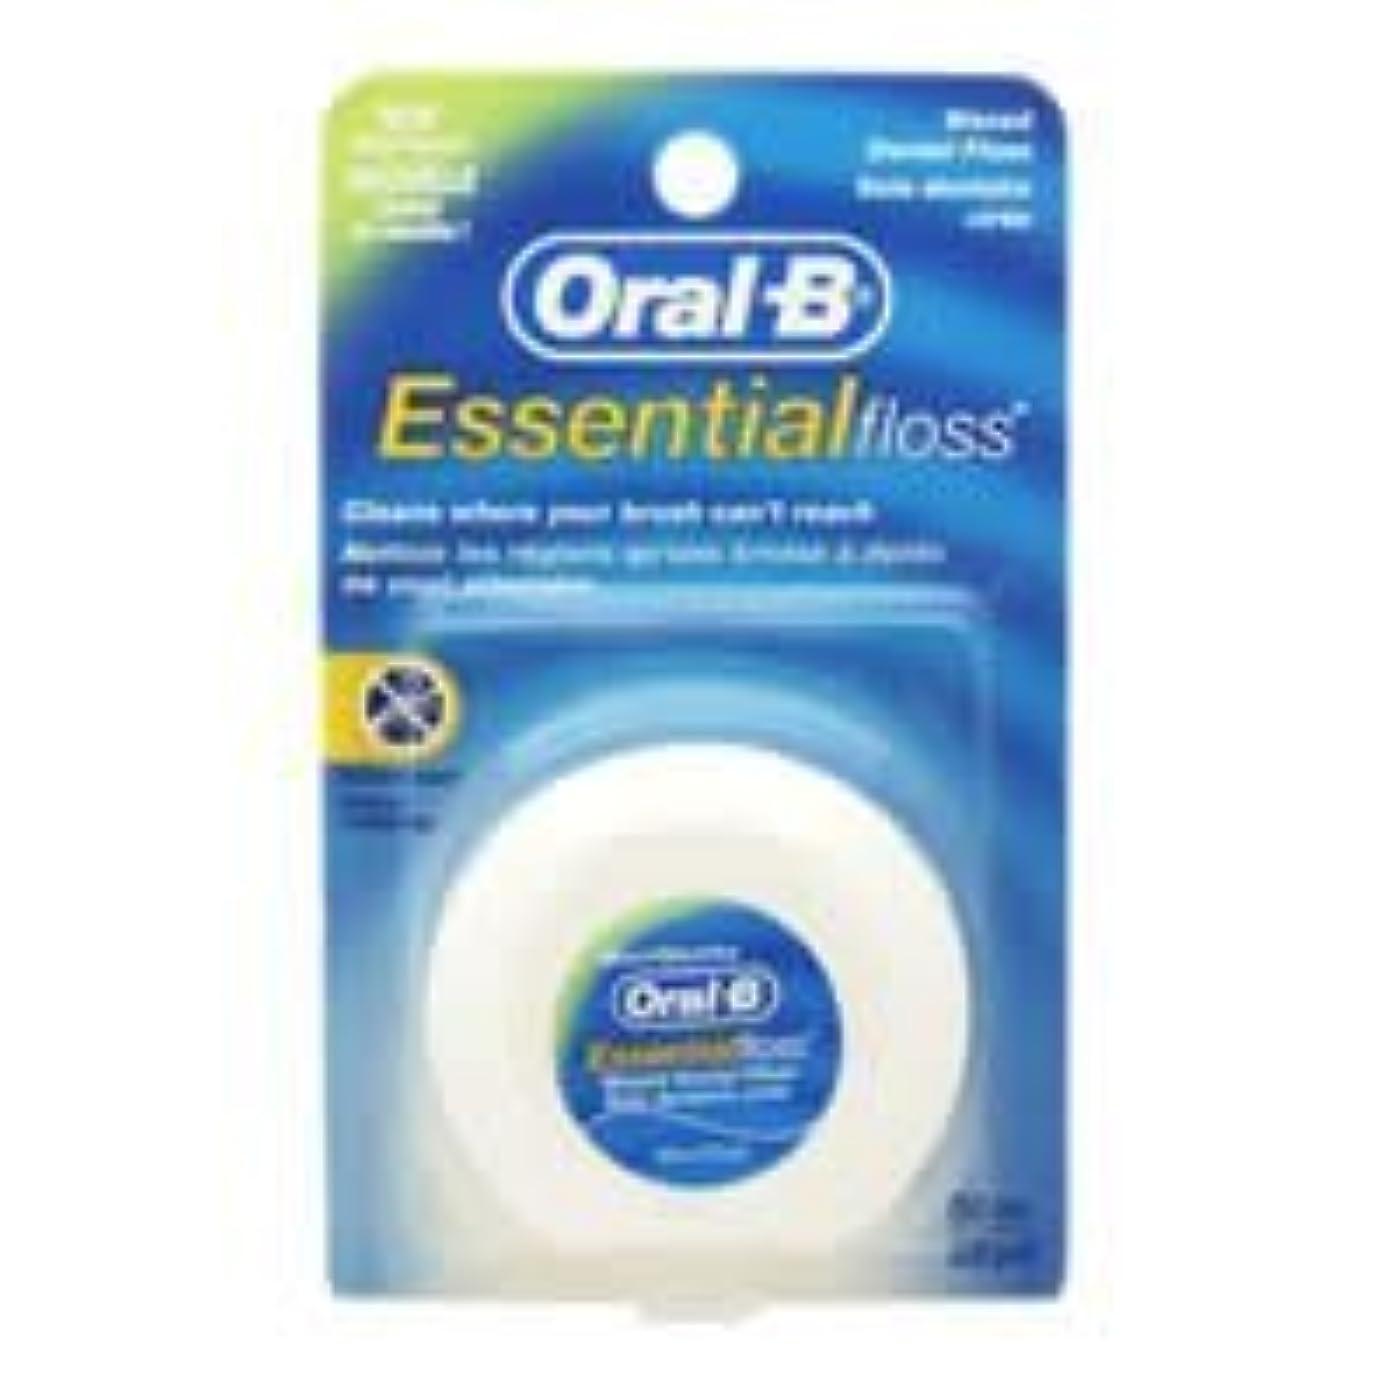 モジュール気候の山過言Oral-B Essential Waxed Dental Floss Mint by Oral-B